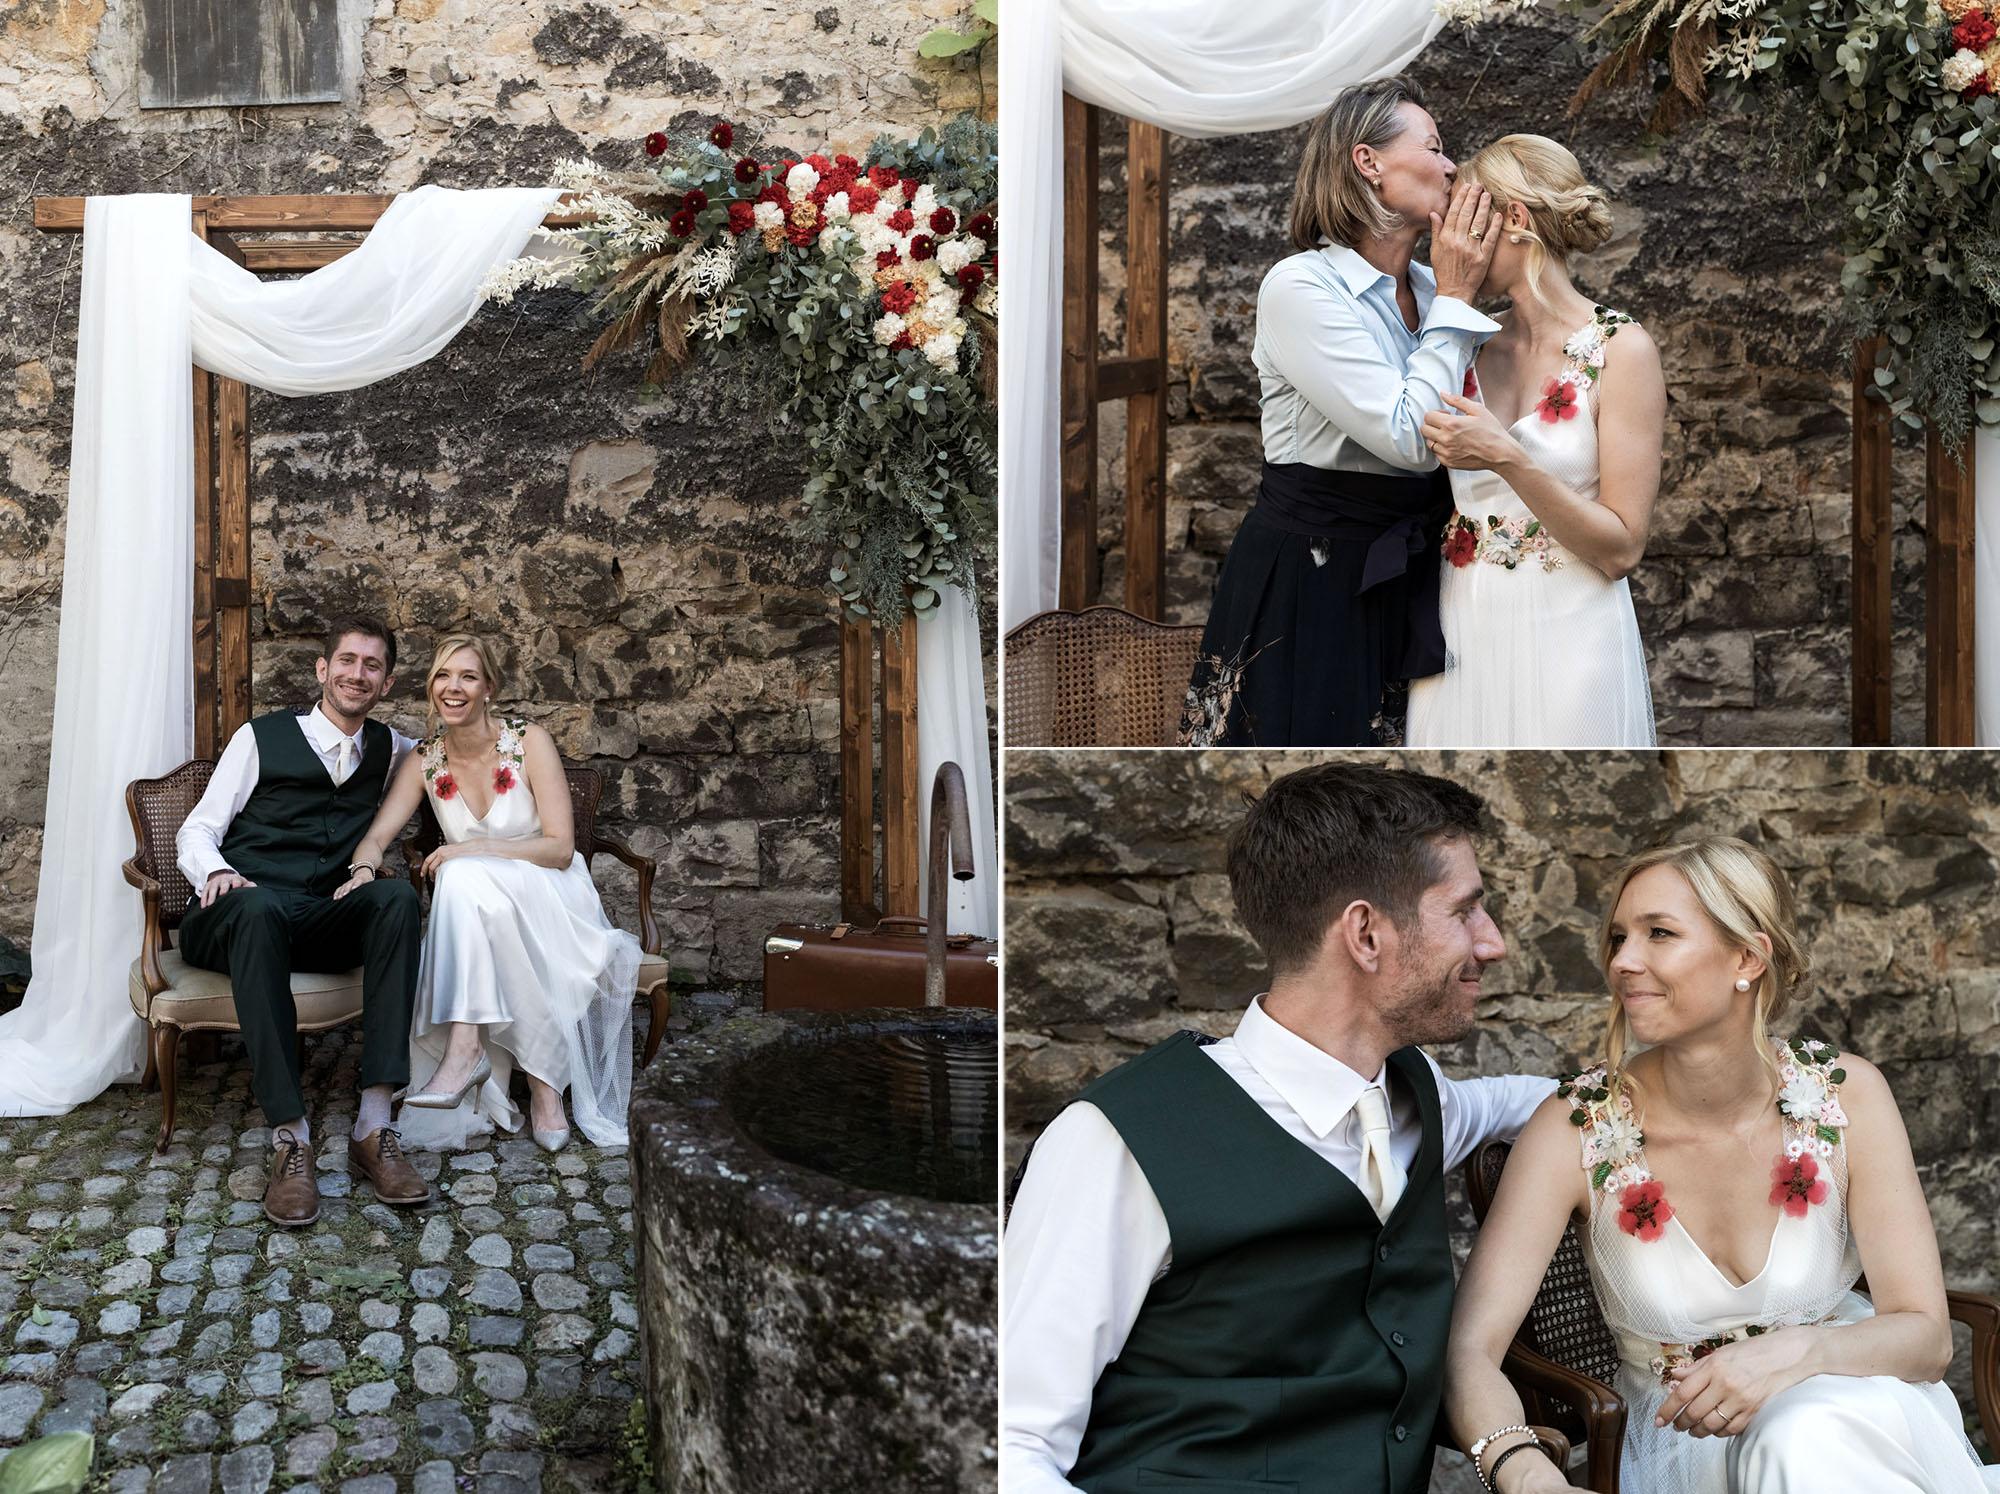 Hochzeit im Turbinenhaus in Basel - Hochzeitsbilder vor dem Traubogen